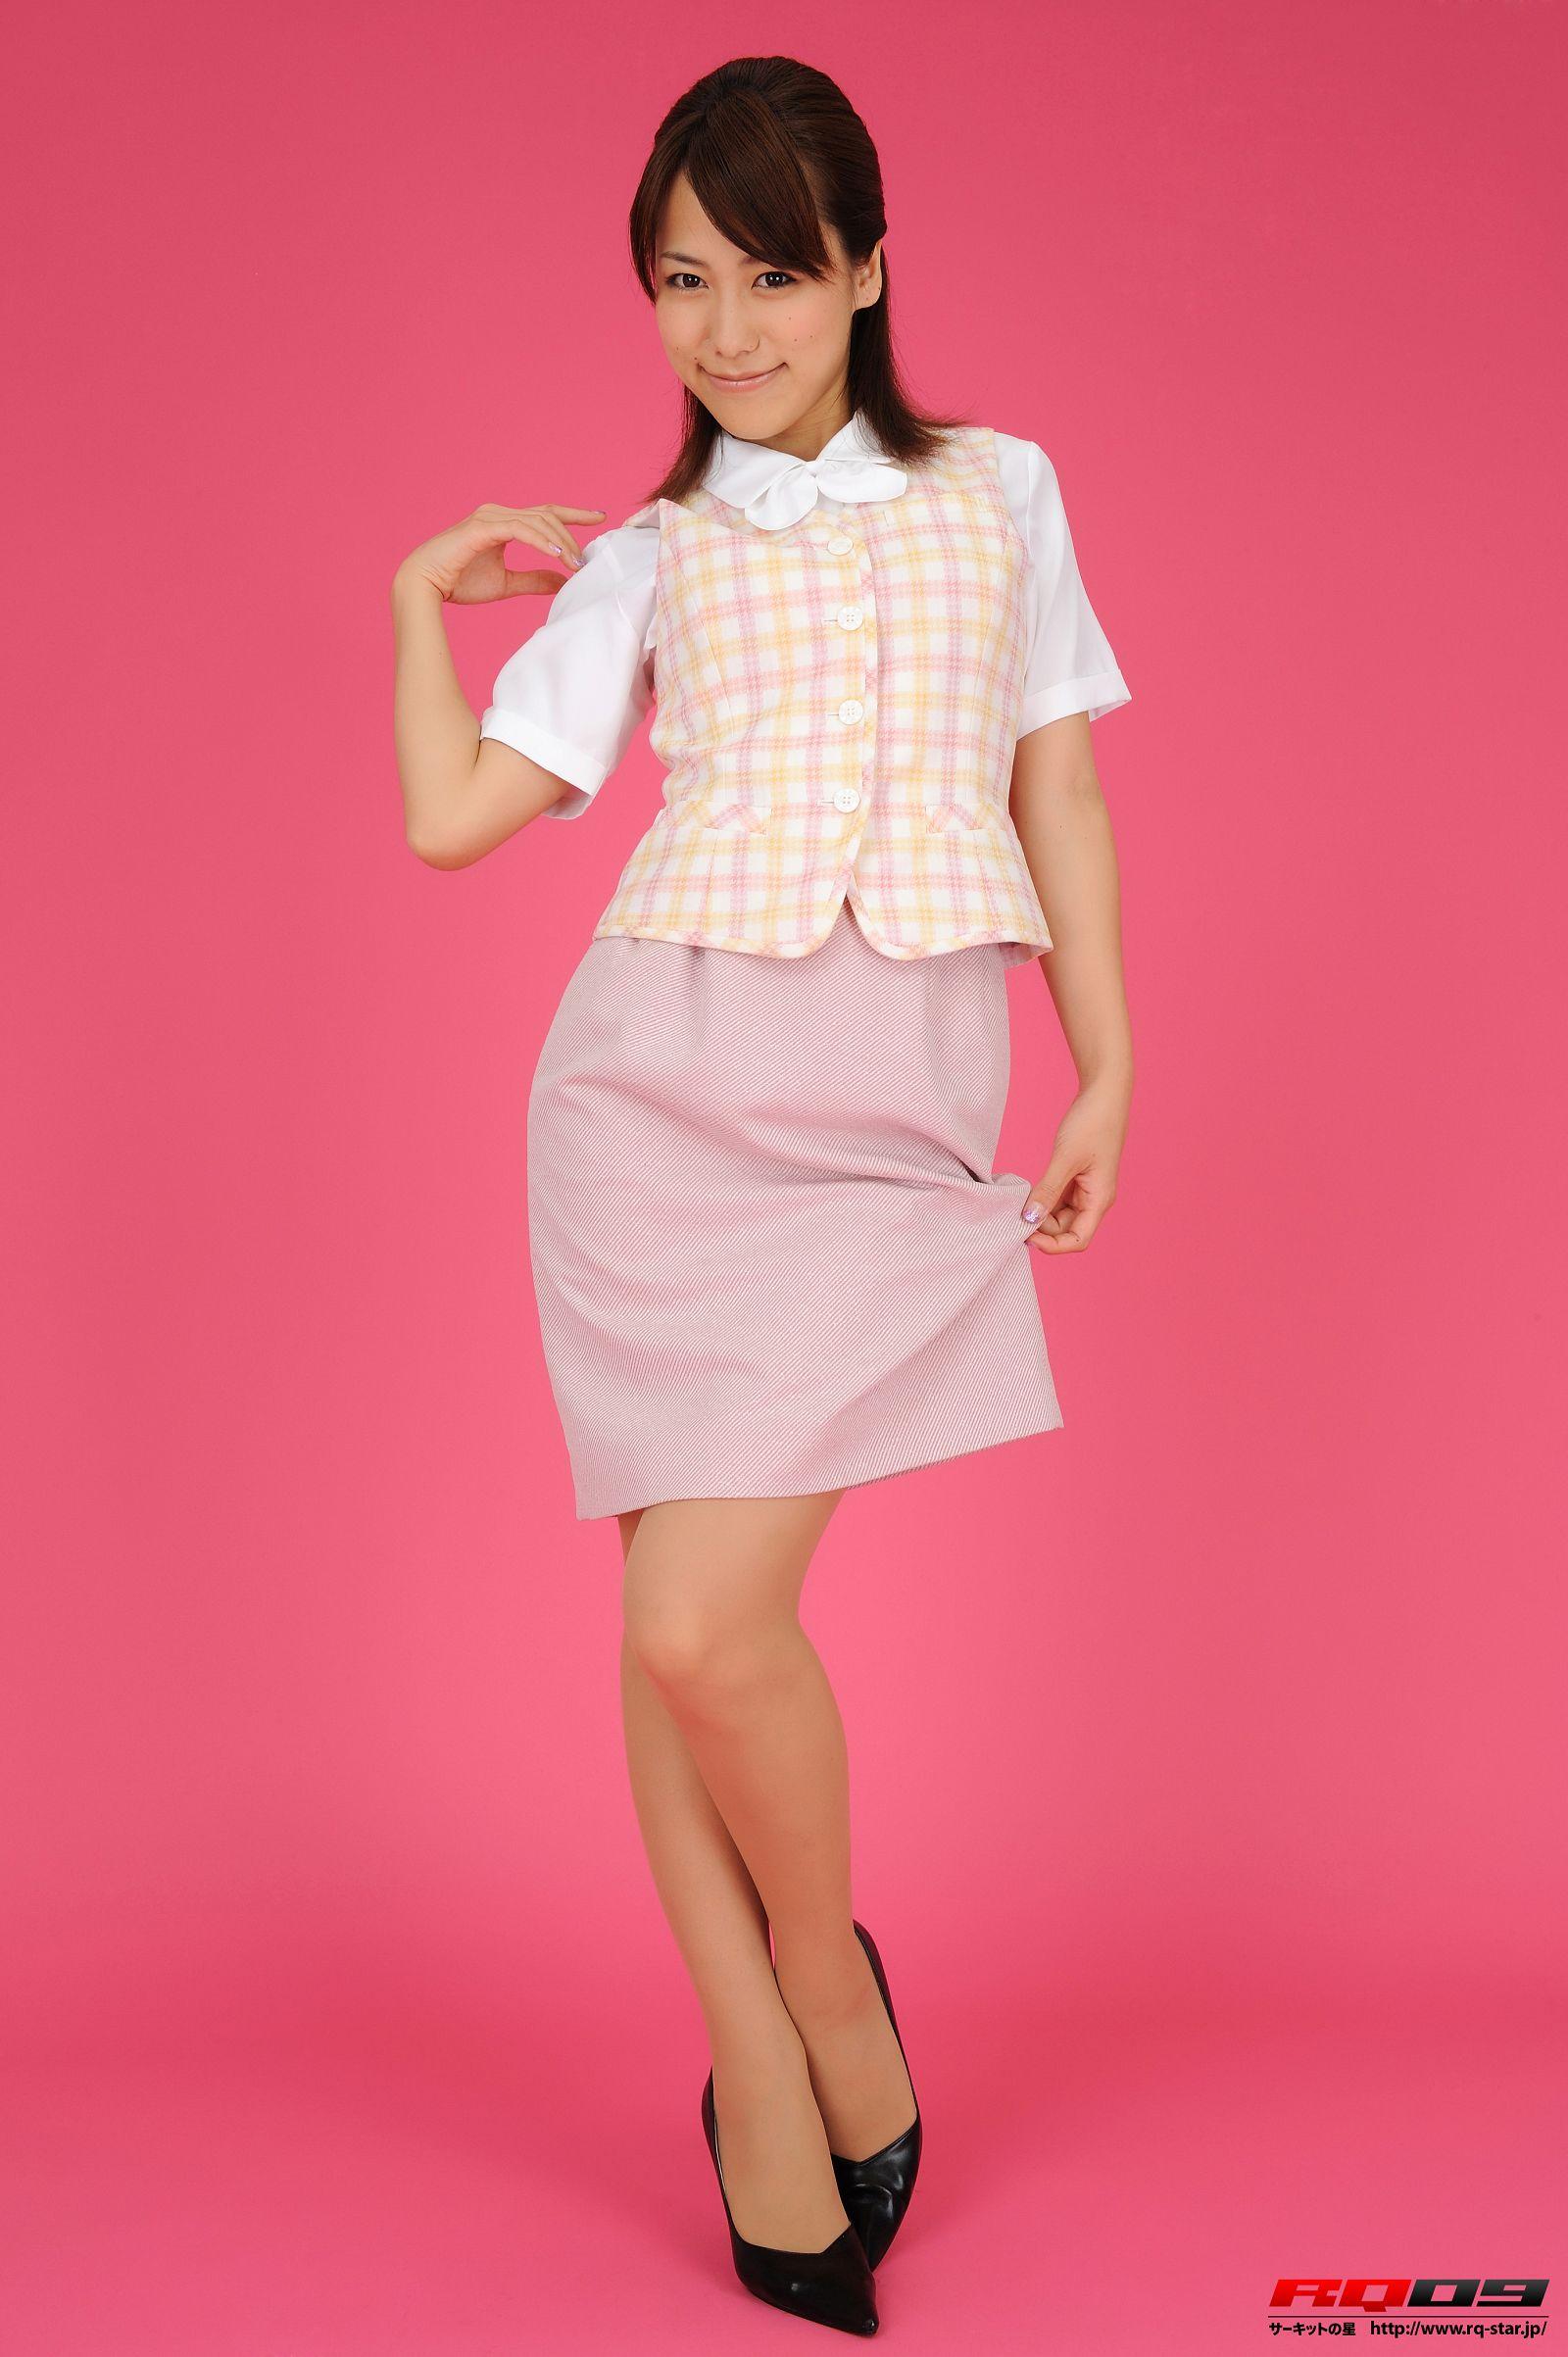 [RQ-STAR美女] NO.0178 Misato Kashiwagi 柏木美里 Office Lady0